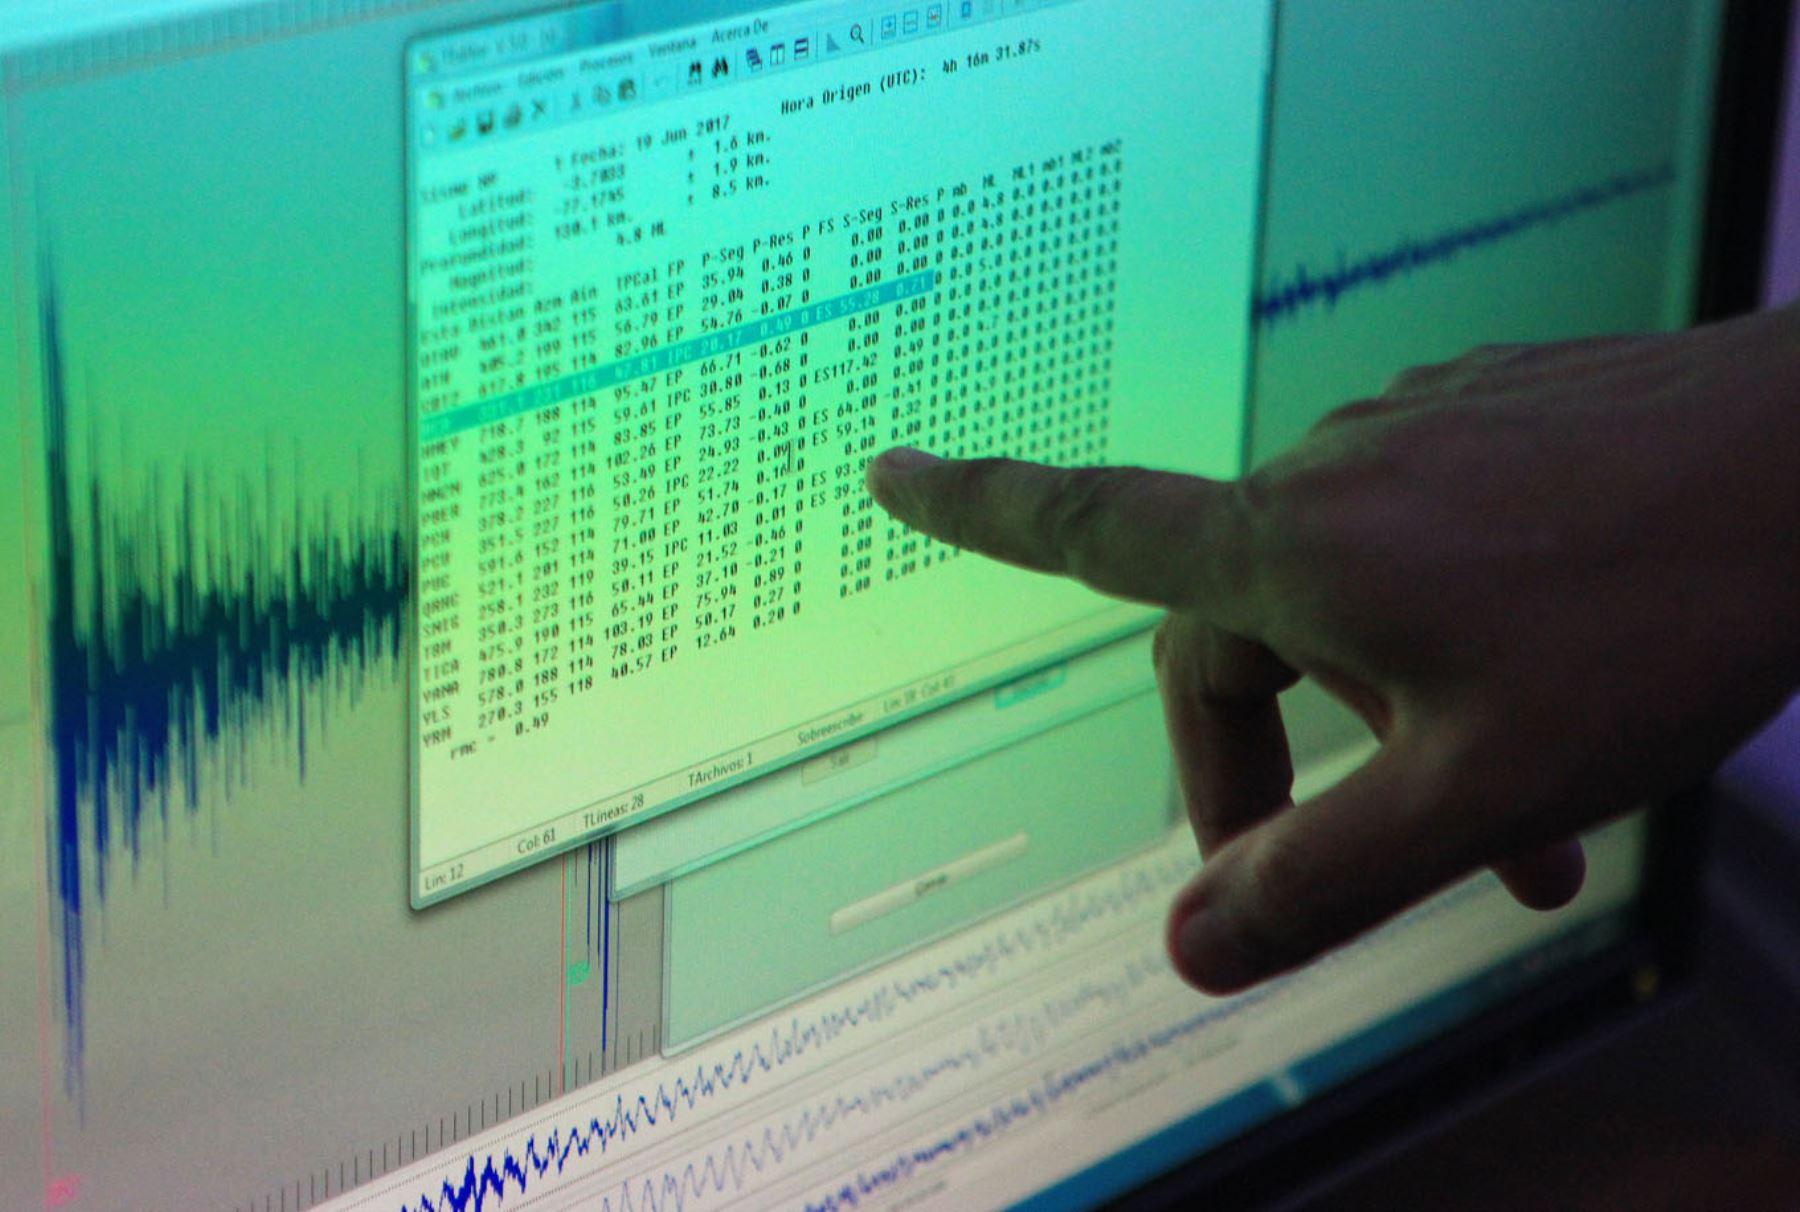 Cinco sismos se reportaron en lo que va del día en diversas regiones del país. ANDINA/Héctor Vinces